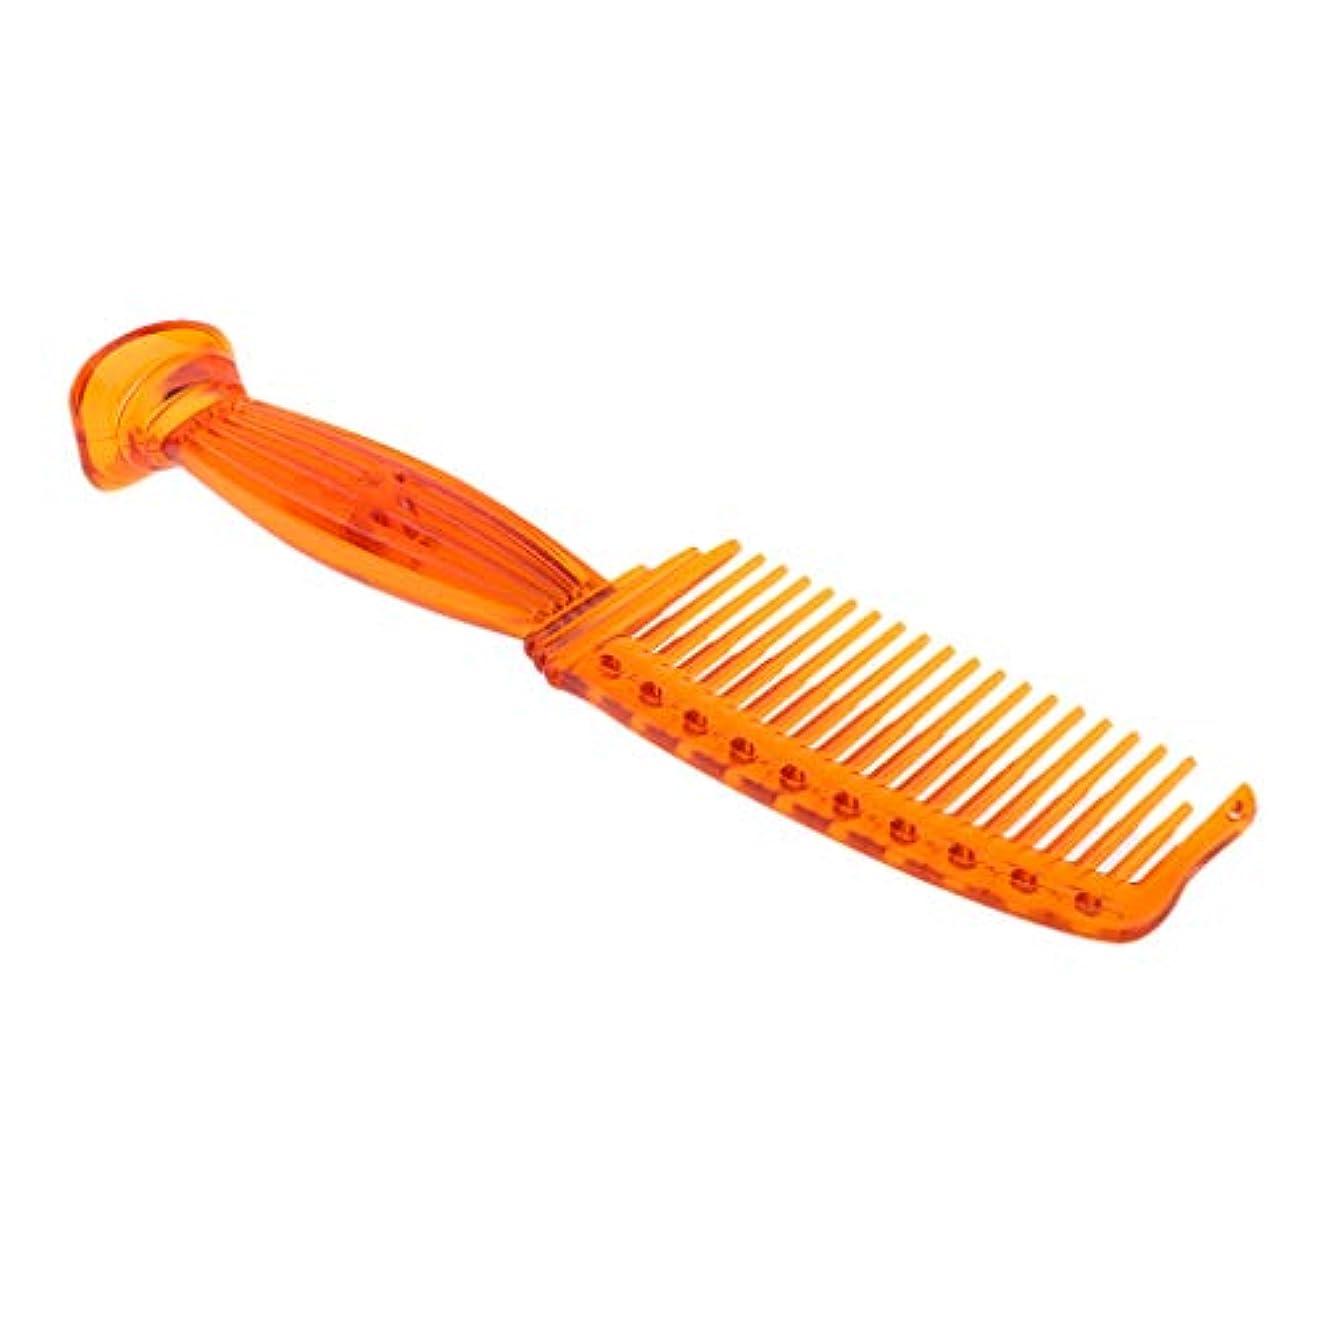 週間偽物モスヘアコーム ヘアブラシ ワイド歯 プラスチック プロ ヘアサロン 理髪師 全5色選べ - オレンジ